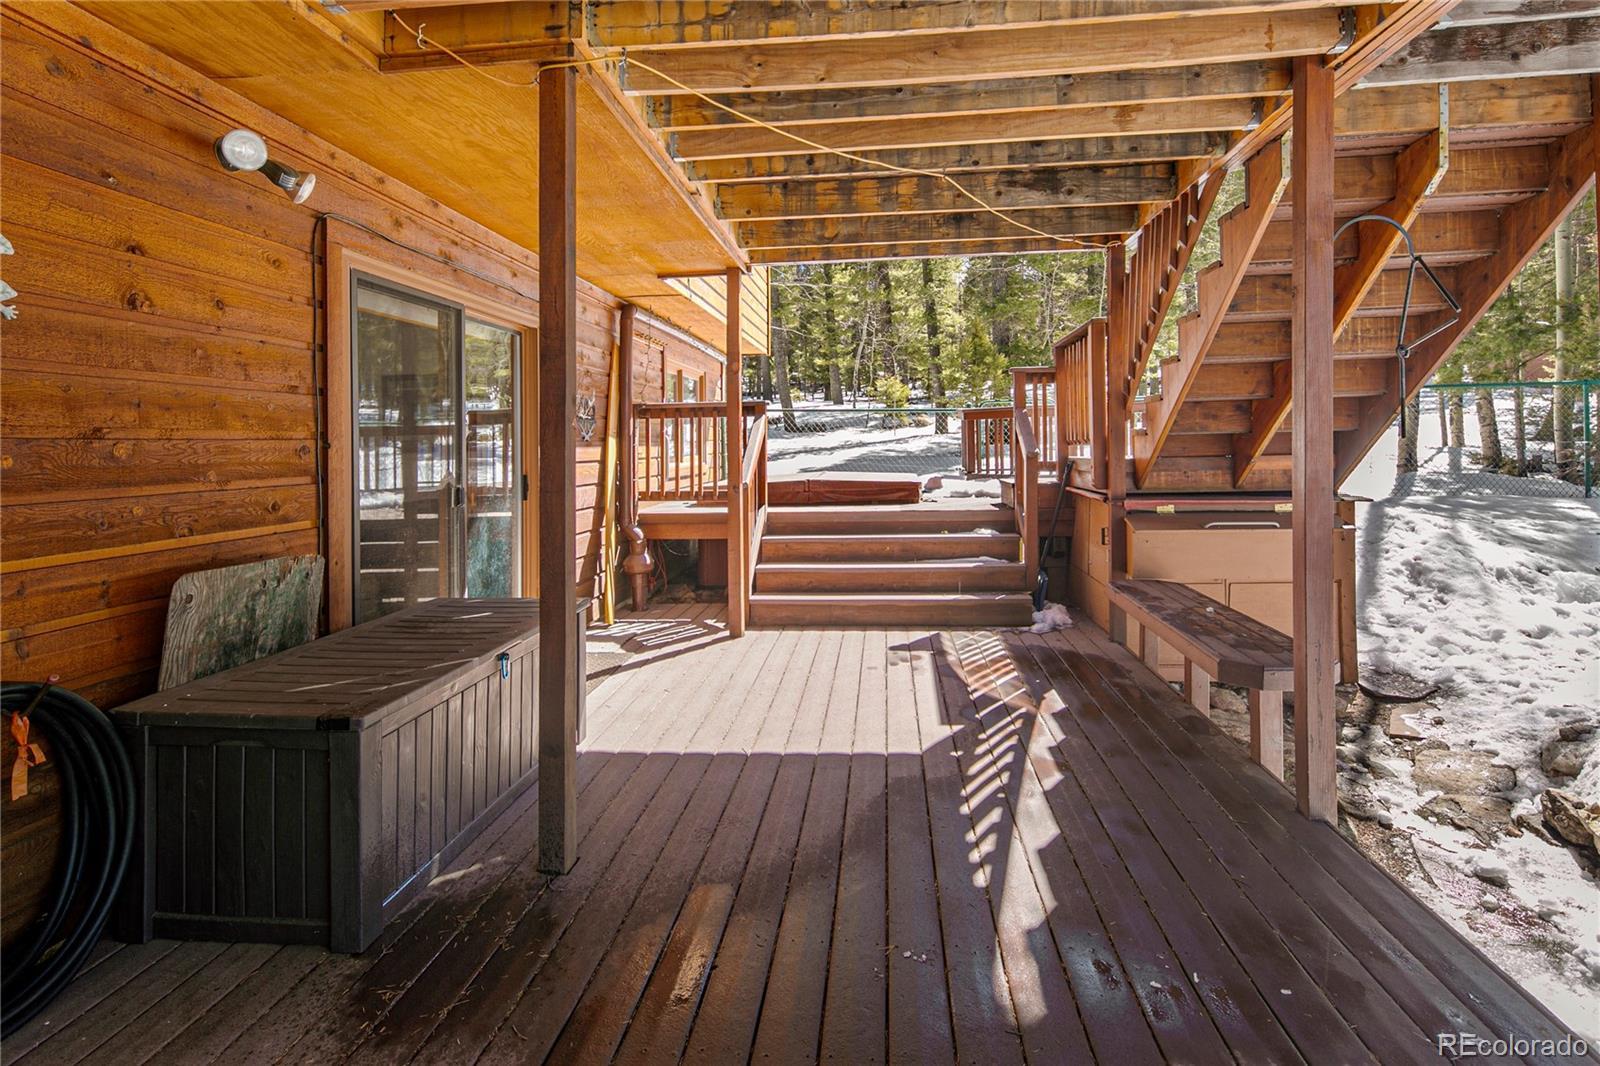 MLS# 3744542 - 33 - 13281 Callae Drive, Conifer, CO 80433